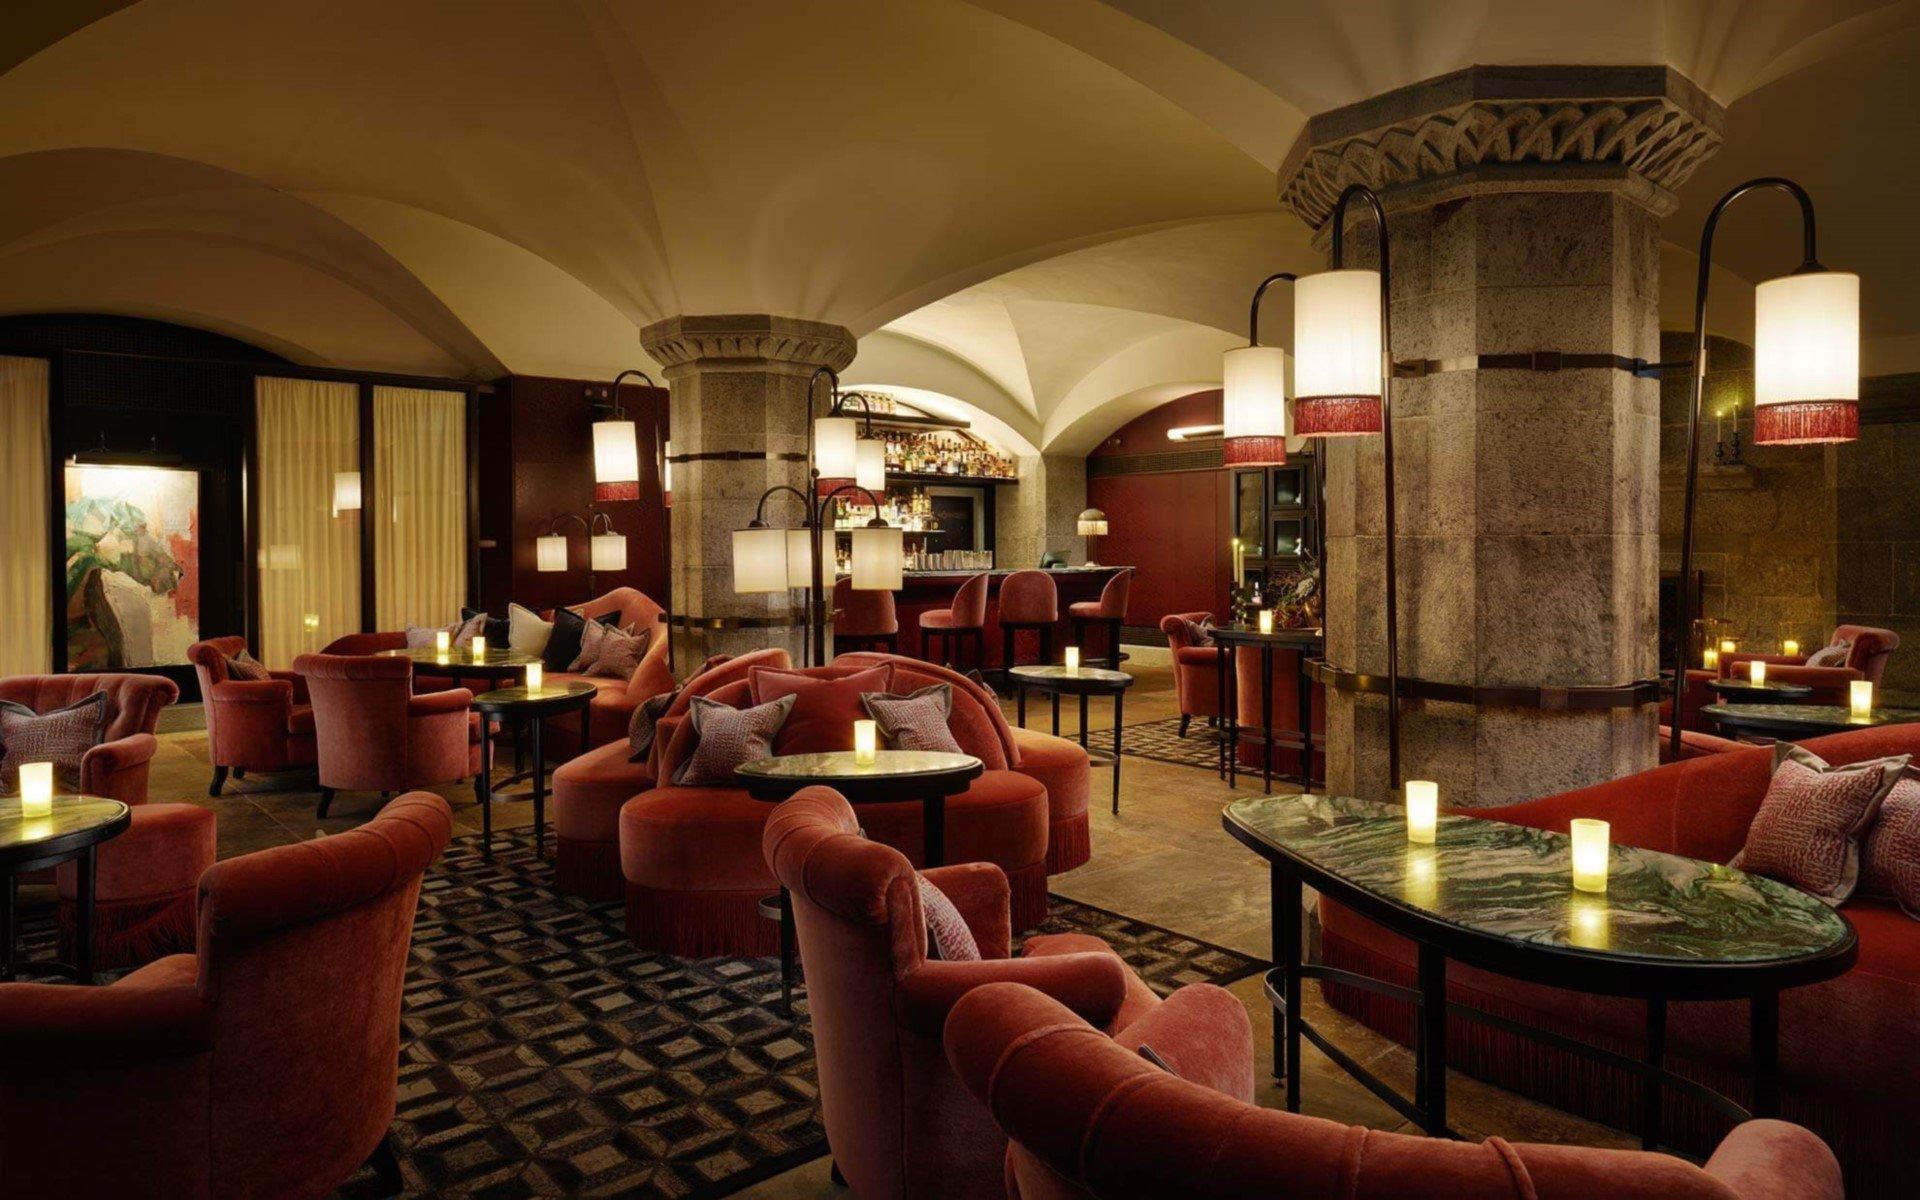 Adare Manor Hotel - The Tack Room